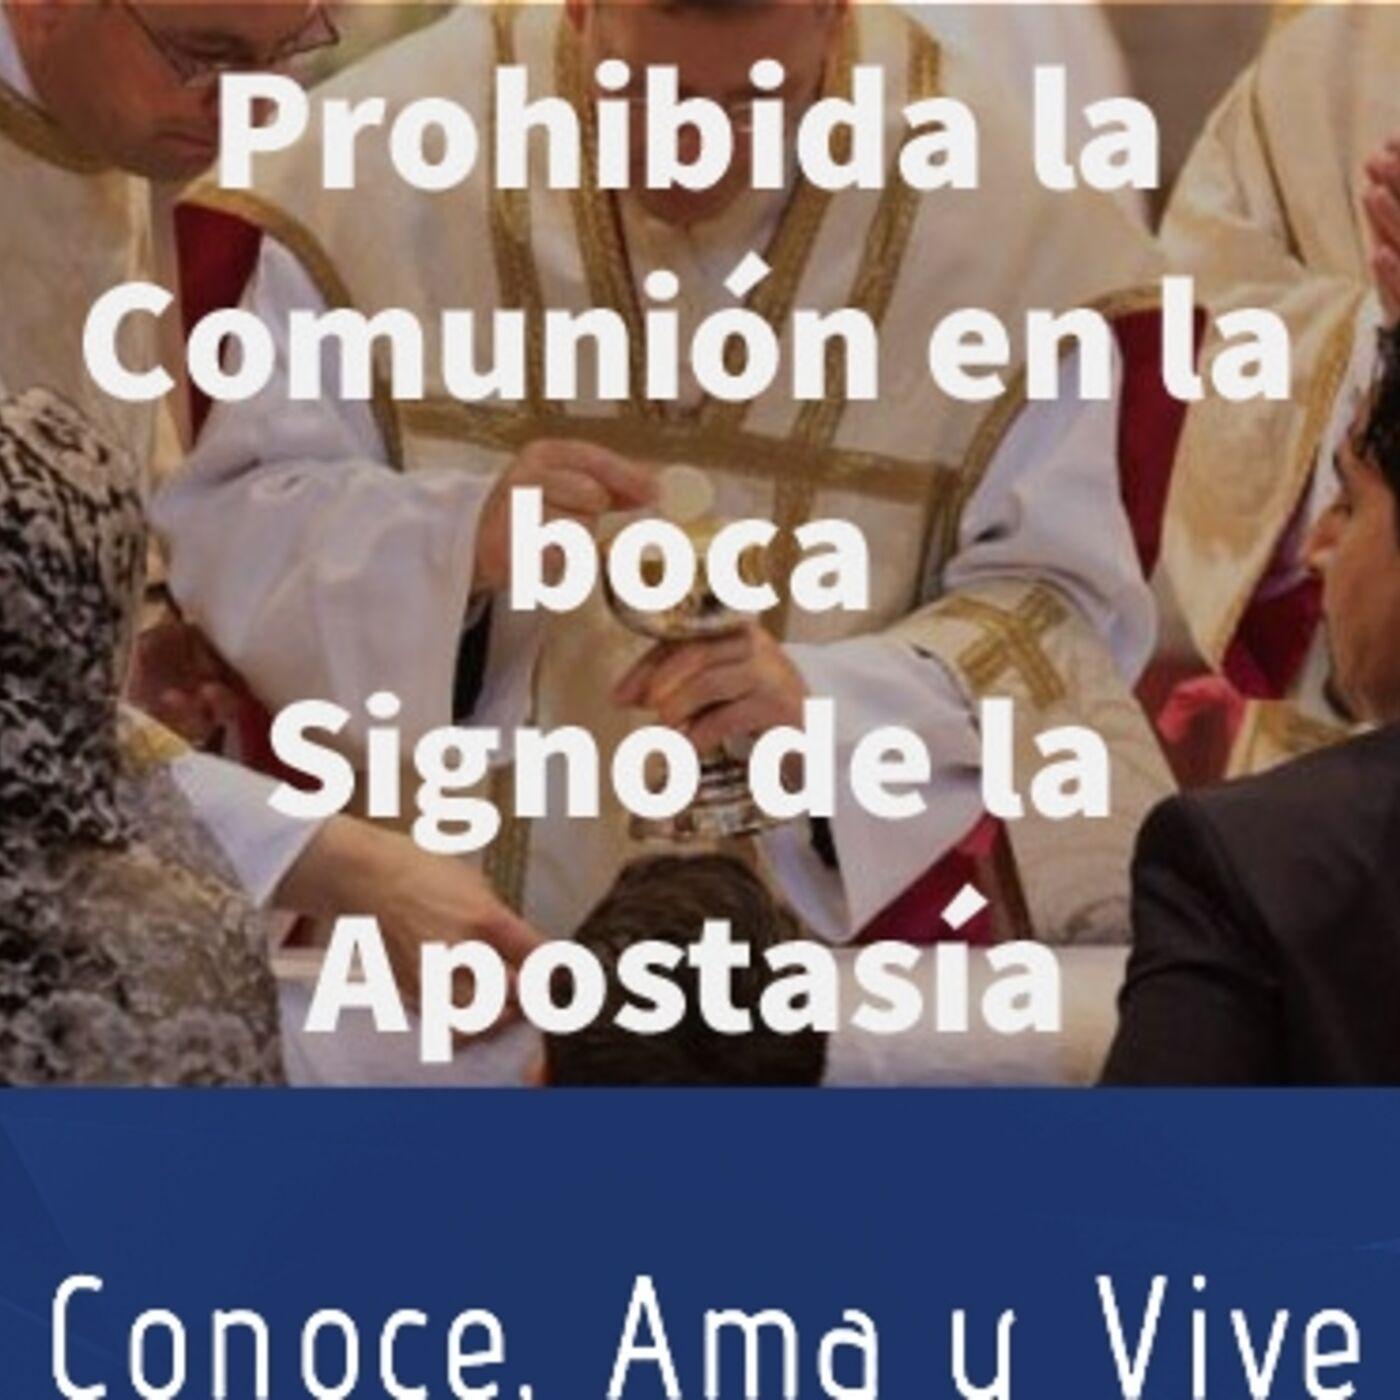 Episodio 251: 🚫 Prohibida la Comunión en la Boca 😢 Signo de la Apostasía 😱